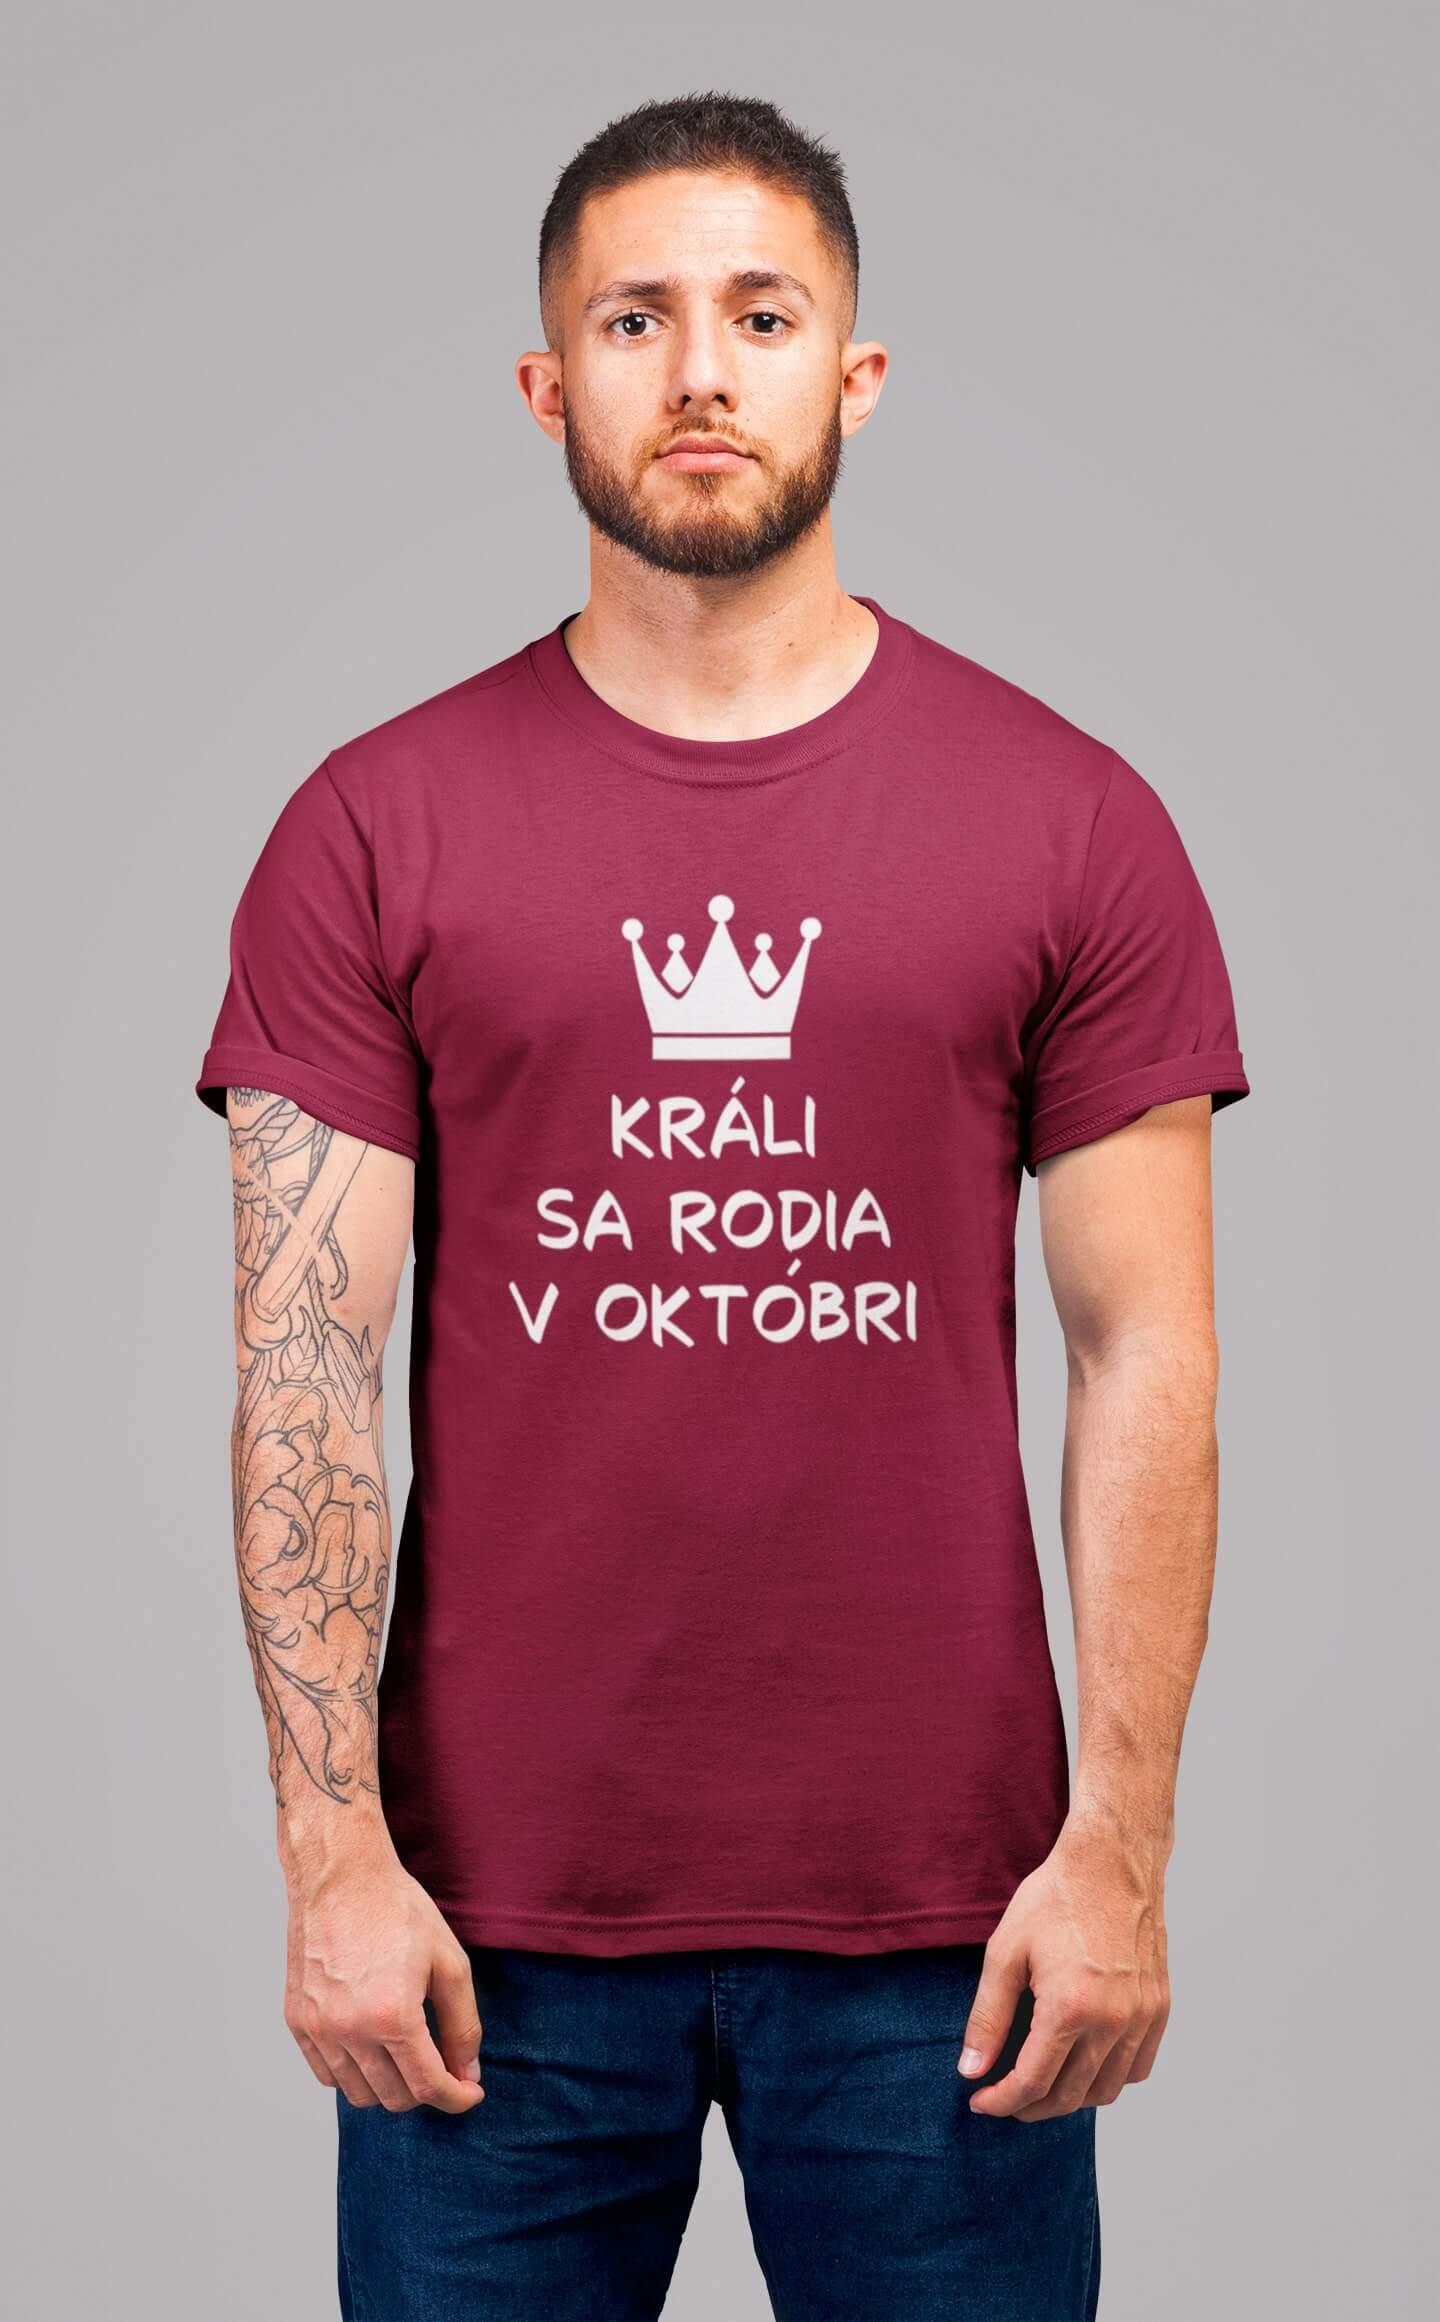 MMO Pánske tričko Králi sa rodia v októbri Vyberte farbu: Marlboro červená, Vyberte veľkosť: M